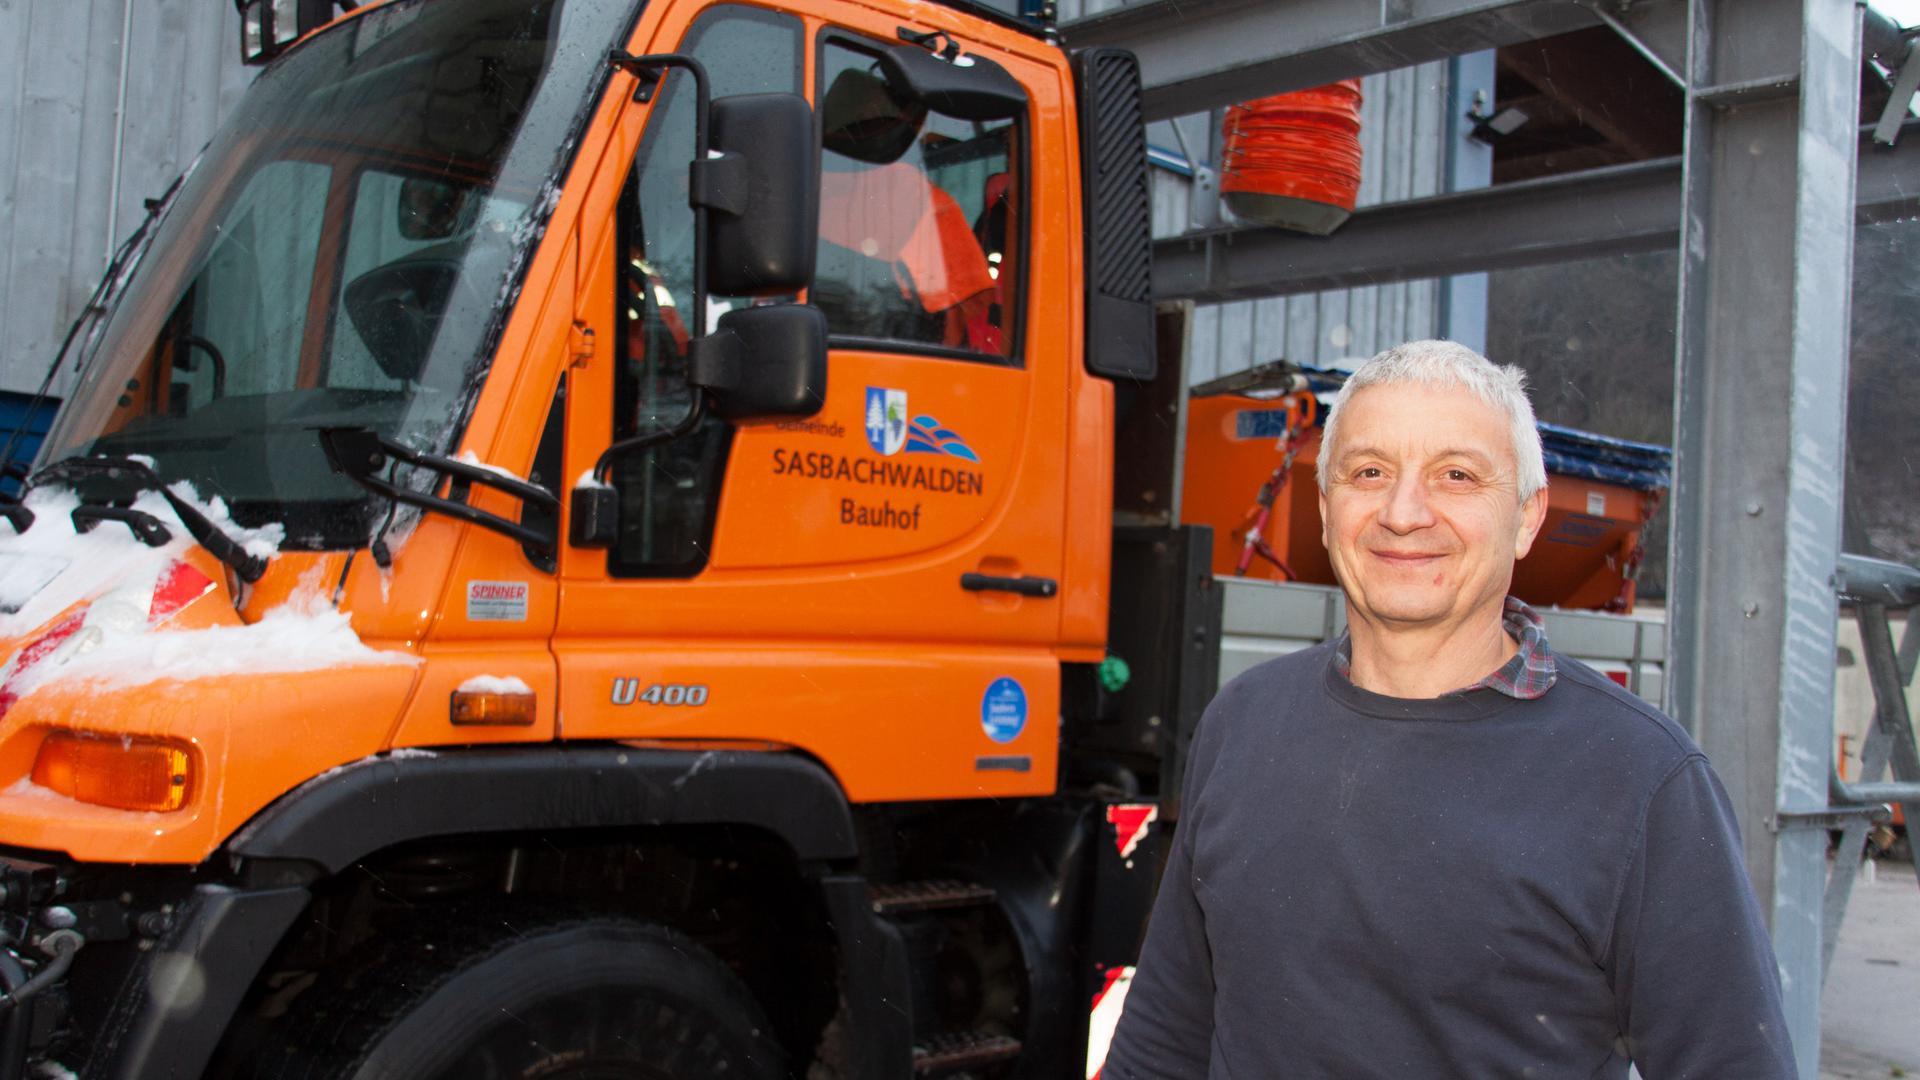 Klaus Decker ist Chef des Bauhofes in Sasbachwalden. Im Winter sorgt er mit seinem Team dafür, dass Straßen und Fußwege frei von Eis und Schnee sind.  Foto: Michael Brück